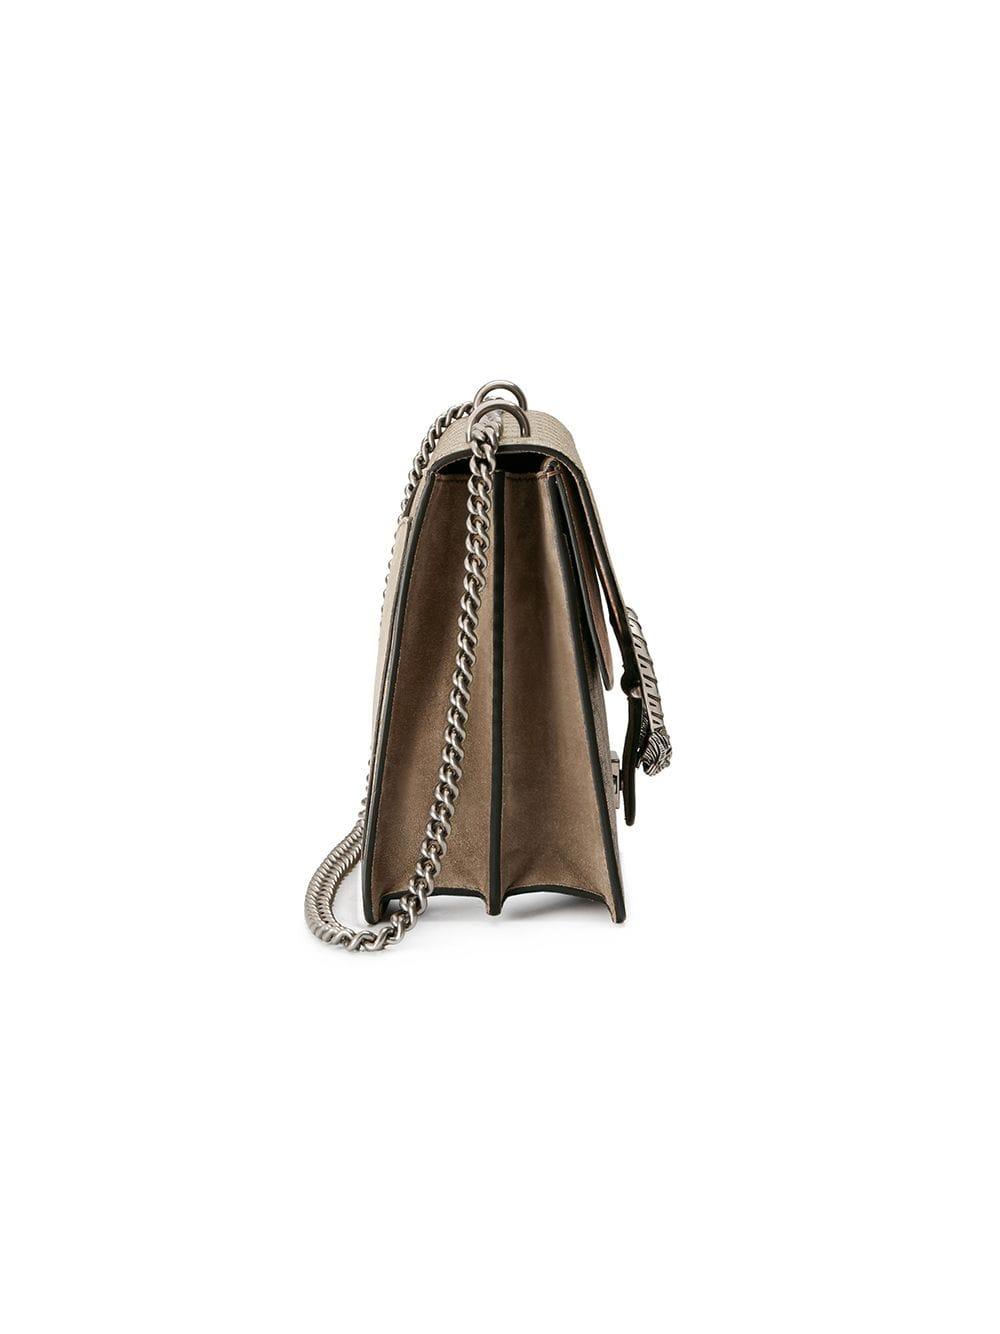 fb4f32730 Bolsos - Accesorios y complementos Gucci | Buyviu.com